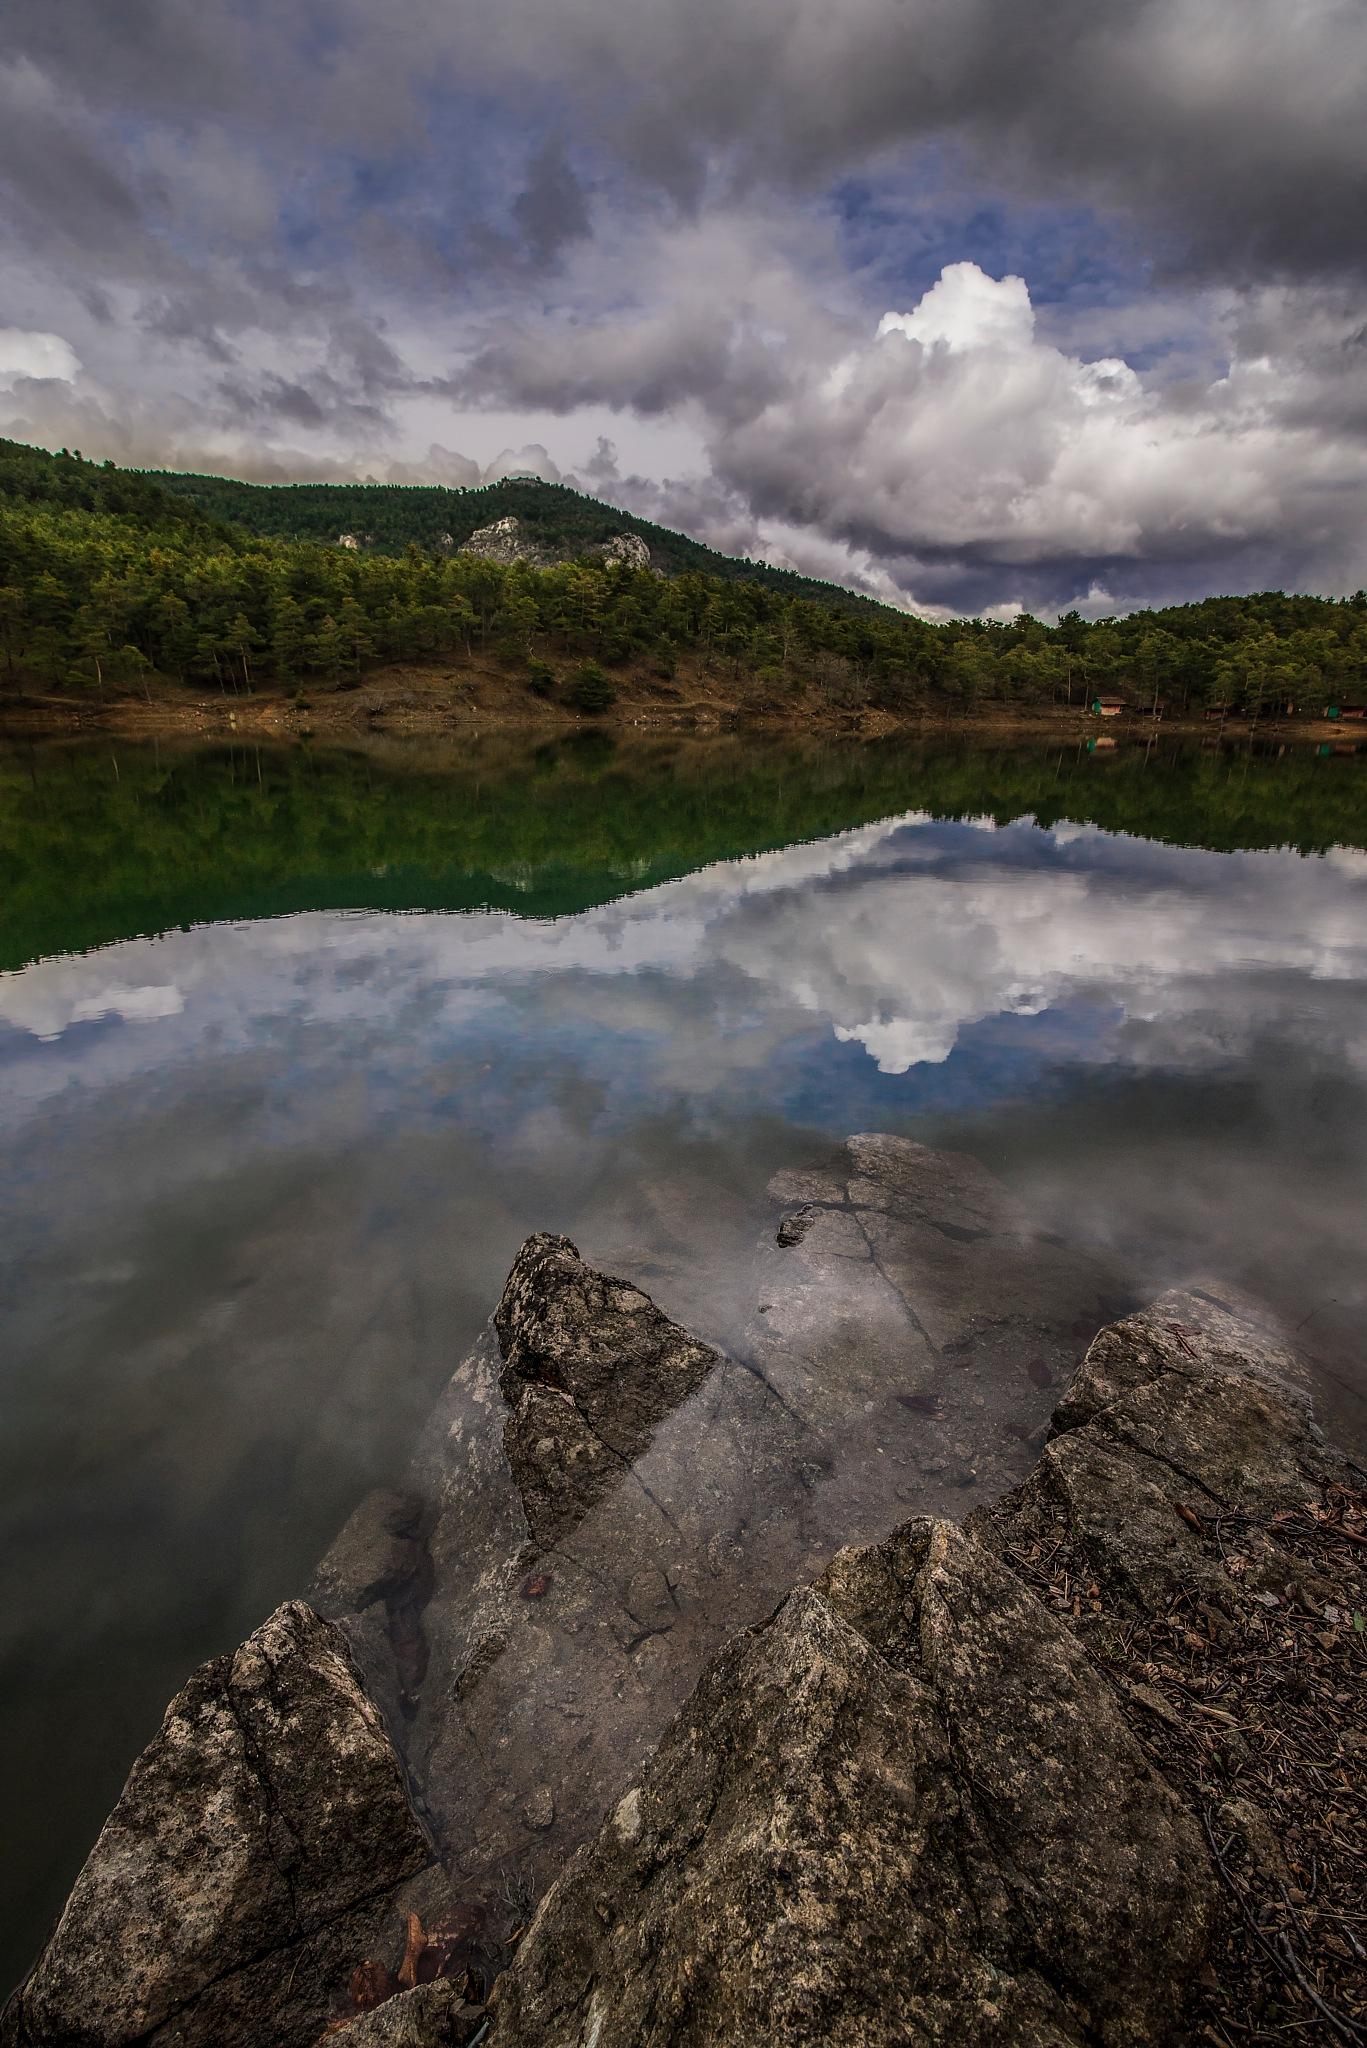 Boraboy Lake by Ali Niyazi BOZKURT